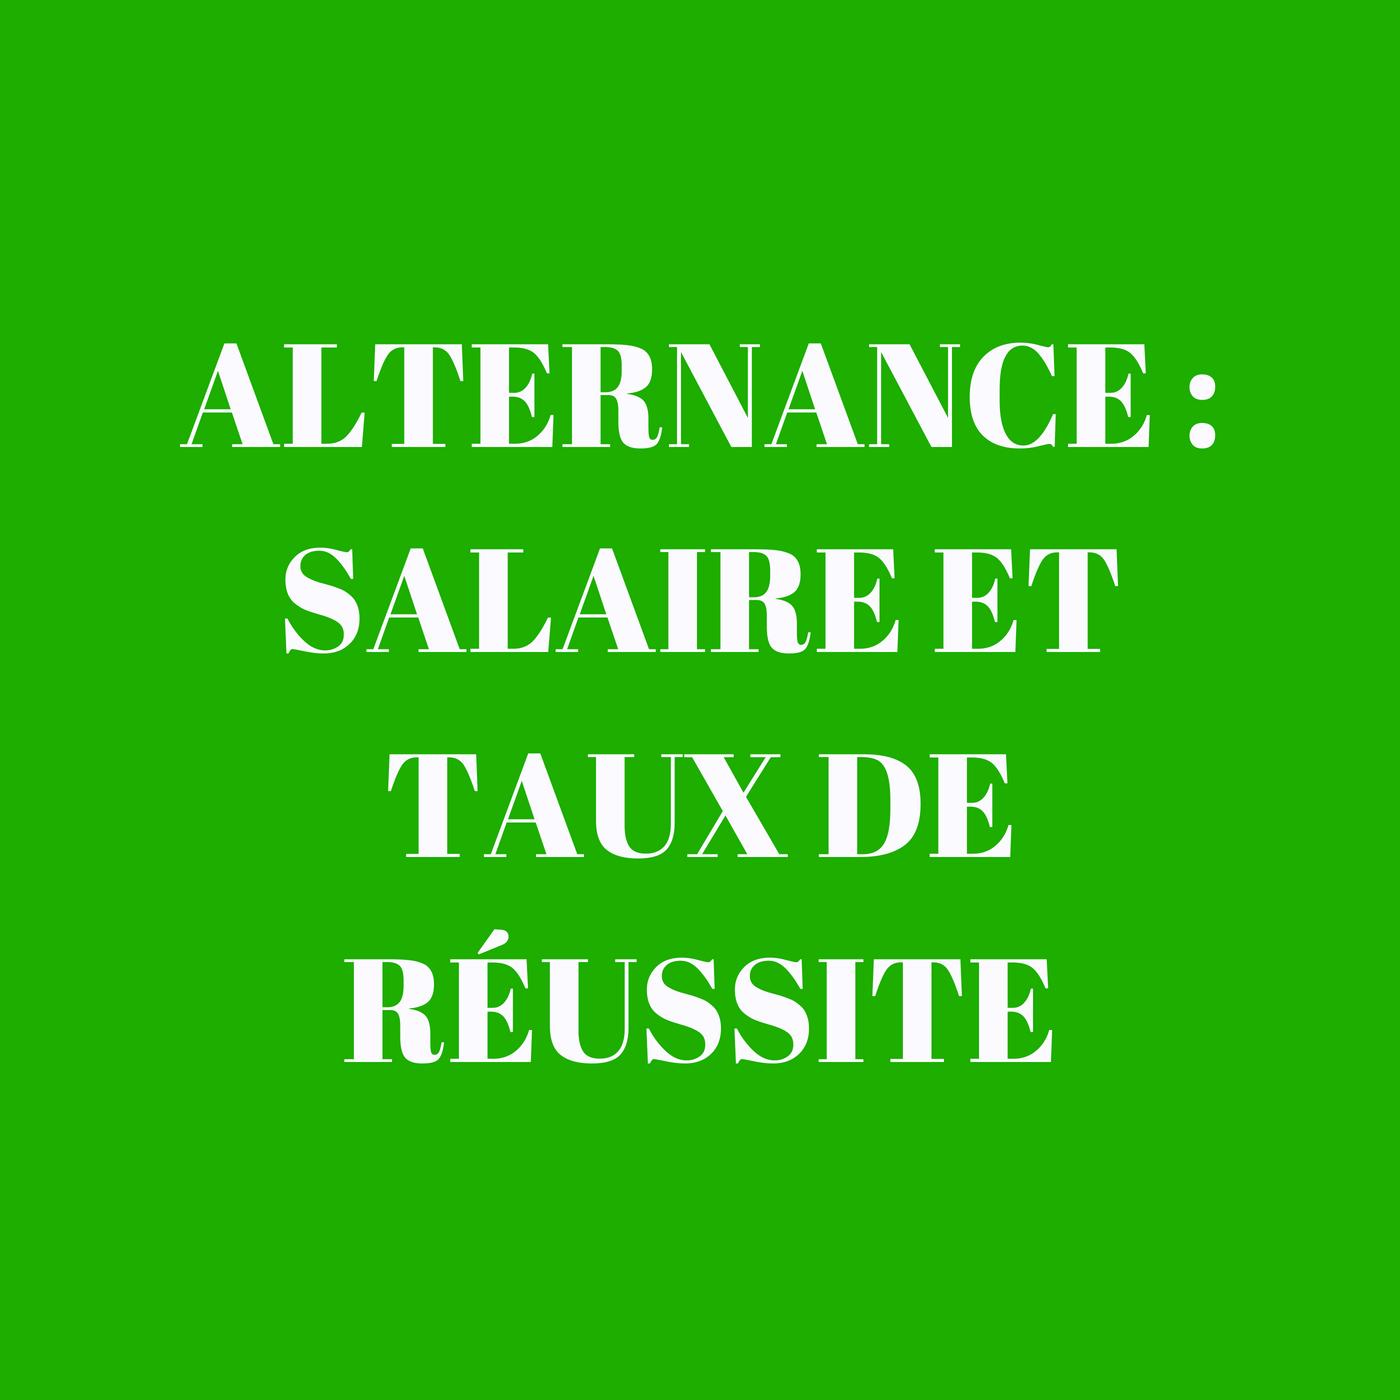 Alternance : salaire et taux de réussite